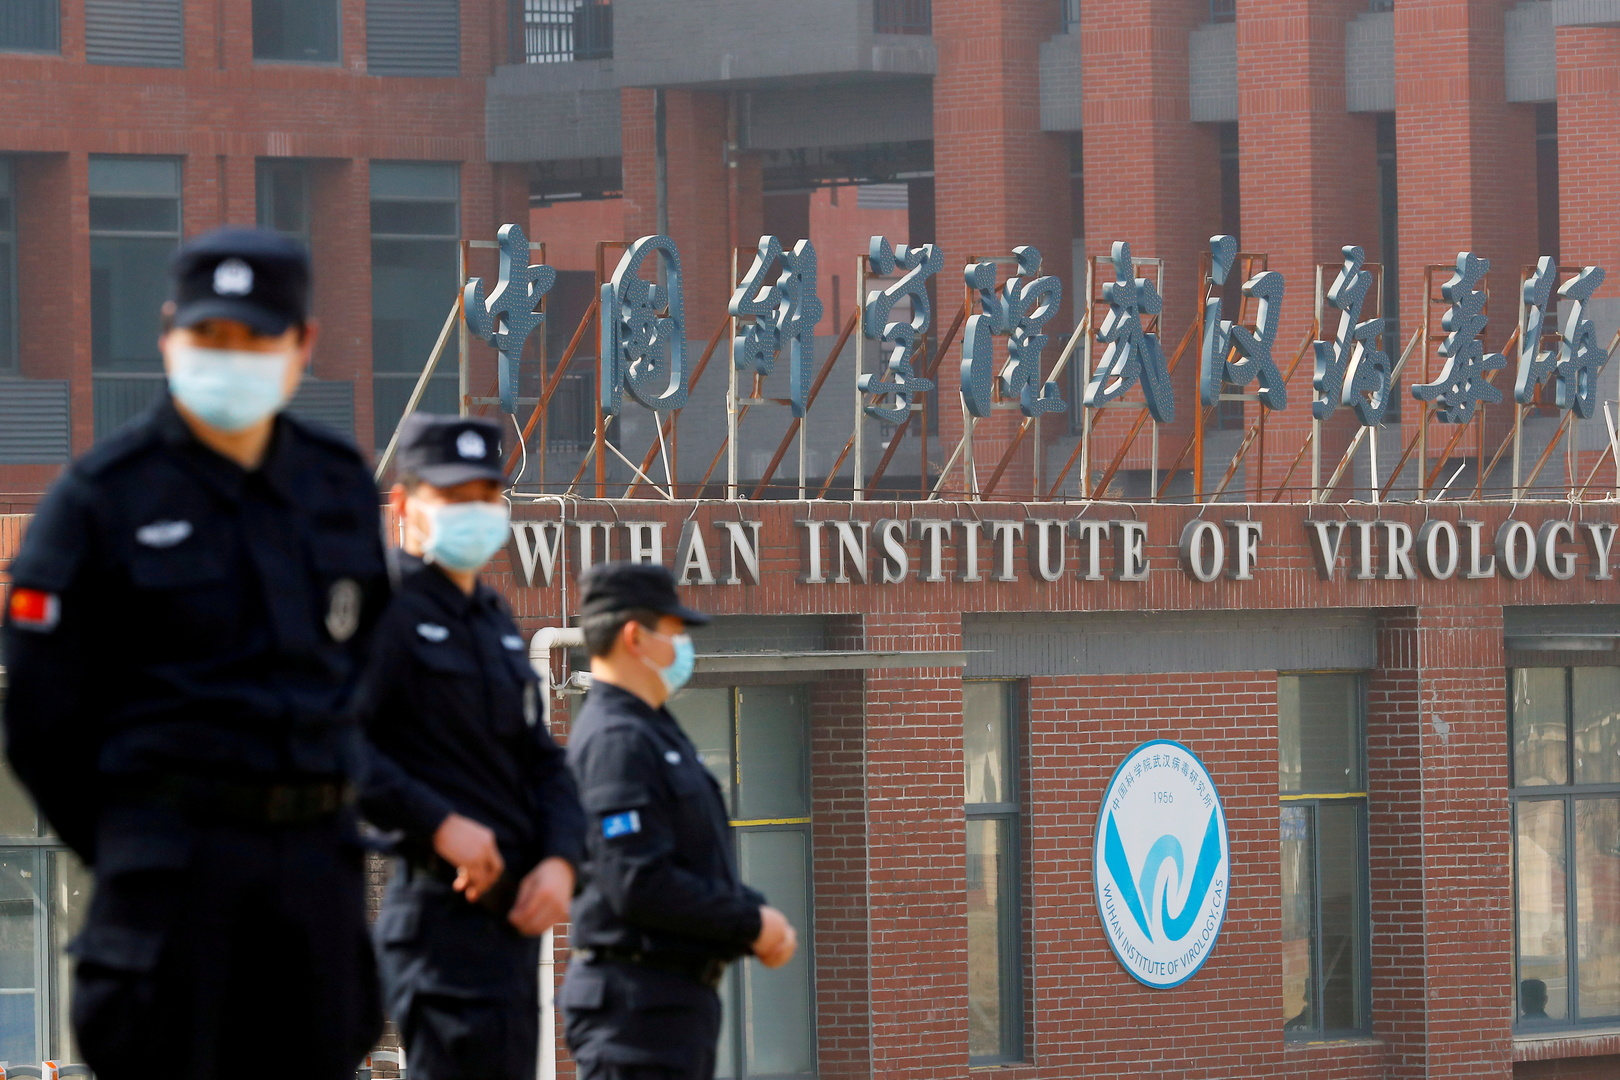 البر الصيني الرئيس خال من أي إصابات كورونا جديدة